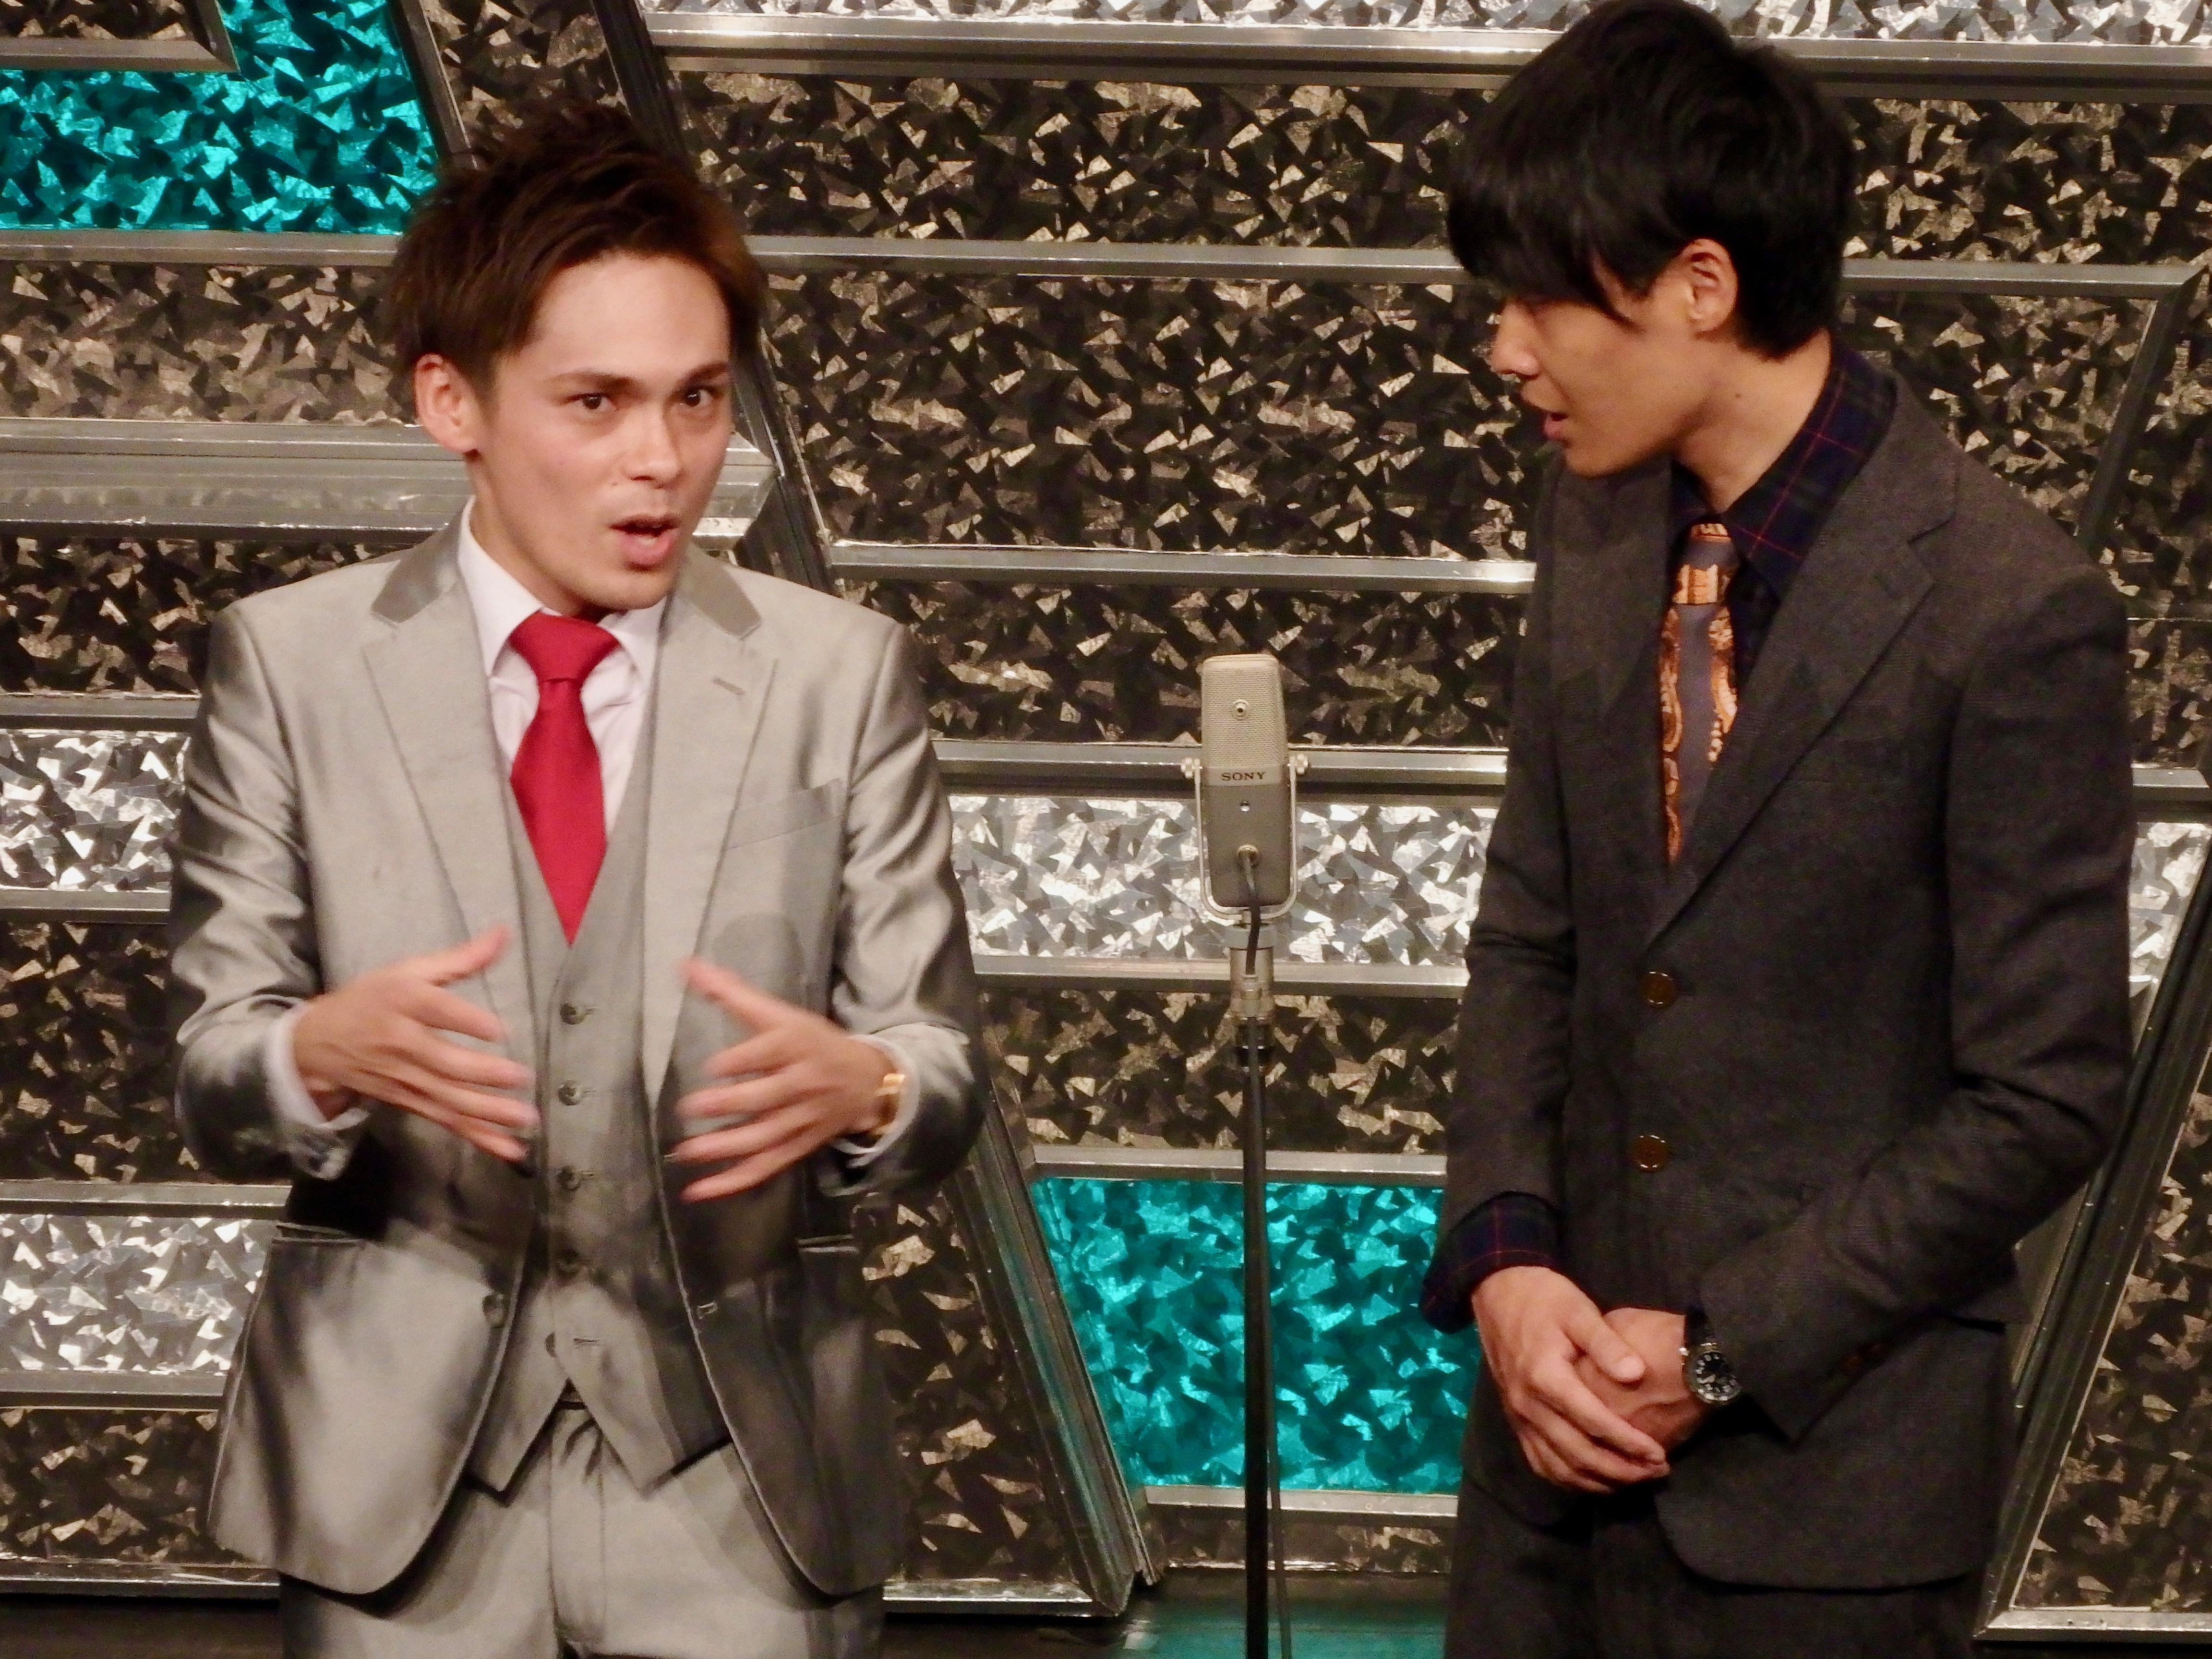 http://news.yoshimoto.co.jp/20170809150852-96ee02333f16b4da9c8b6a50310f13fbfa14d30a.jpg